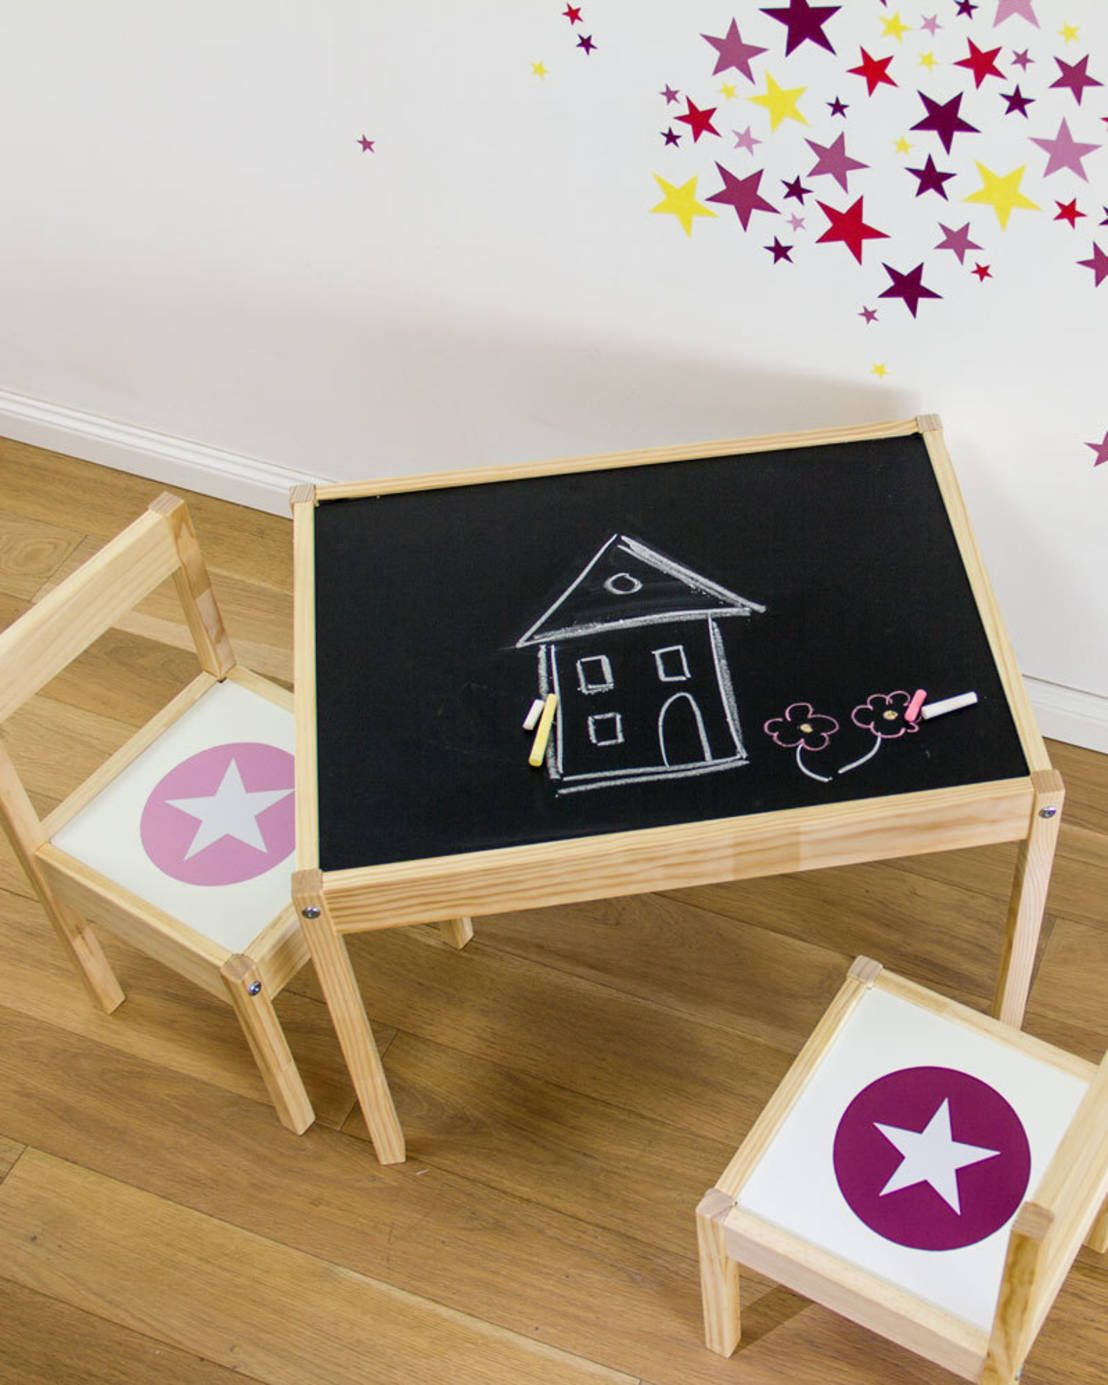 Ikea Kindertisch mit Halterung für Malpapier | kinder | Pinterest ...